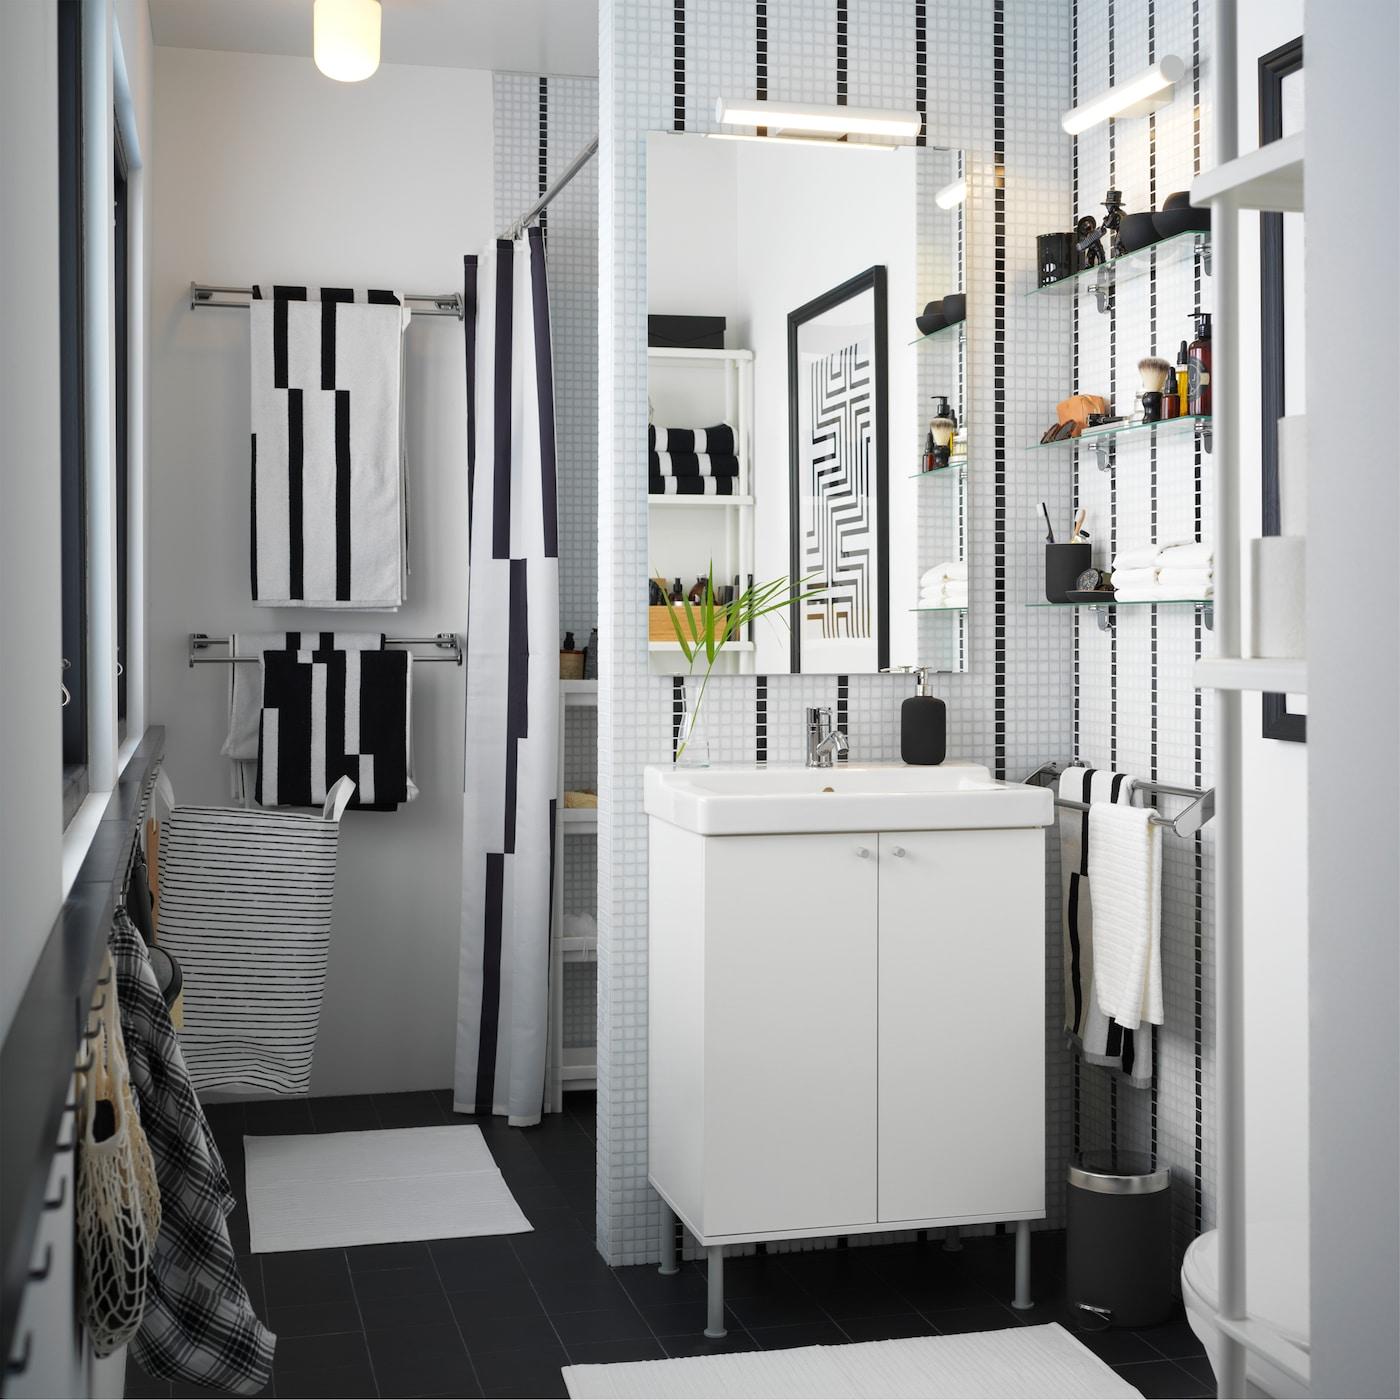 Lille badeværelse i sort og hvidt med hvid vask, stribede håndklæder og et stribet badeforhæng.